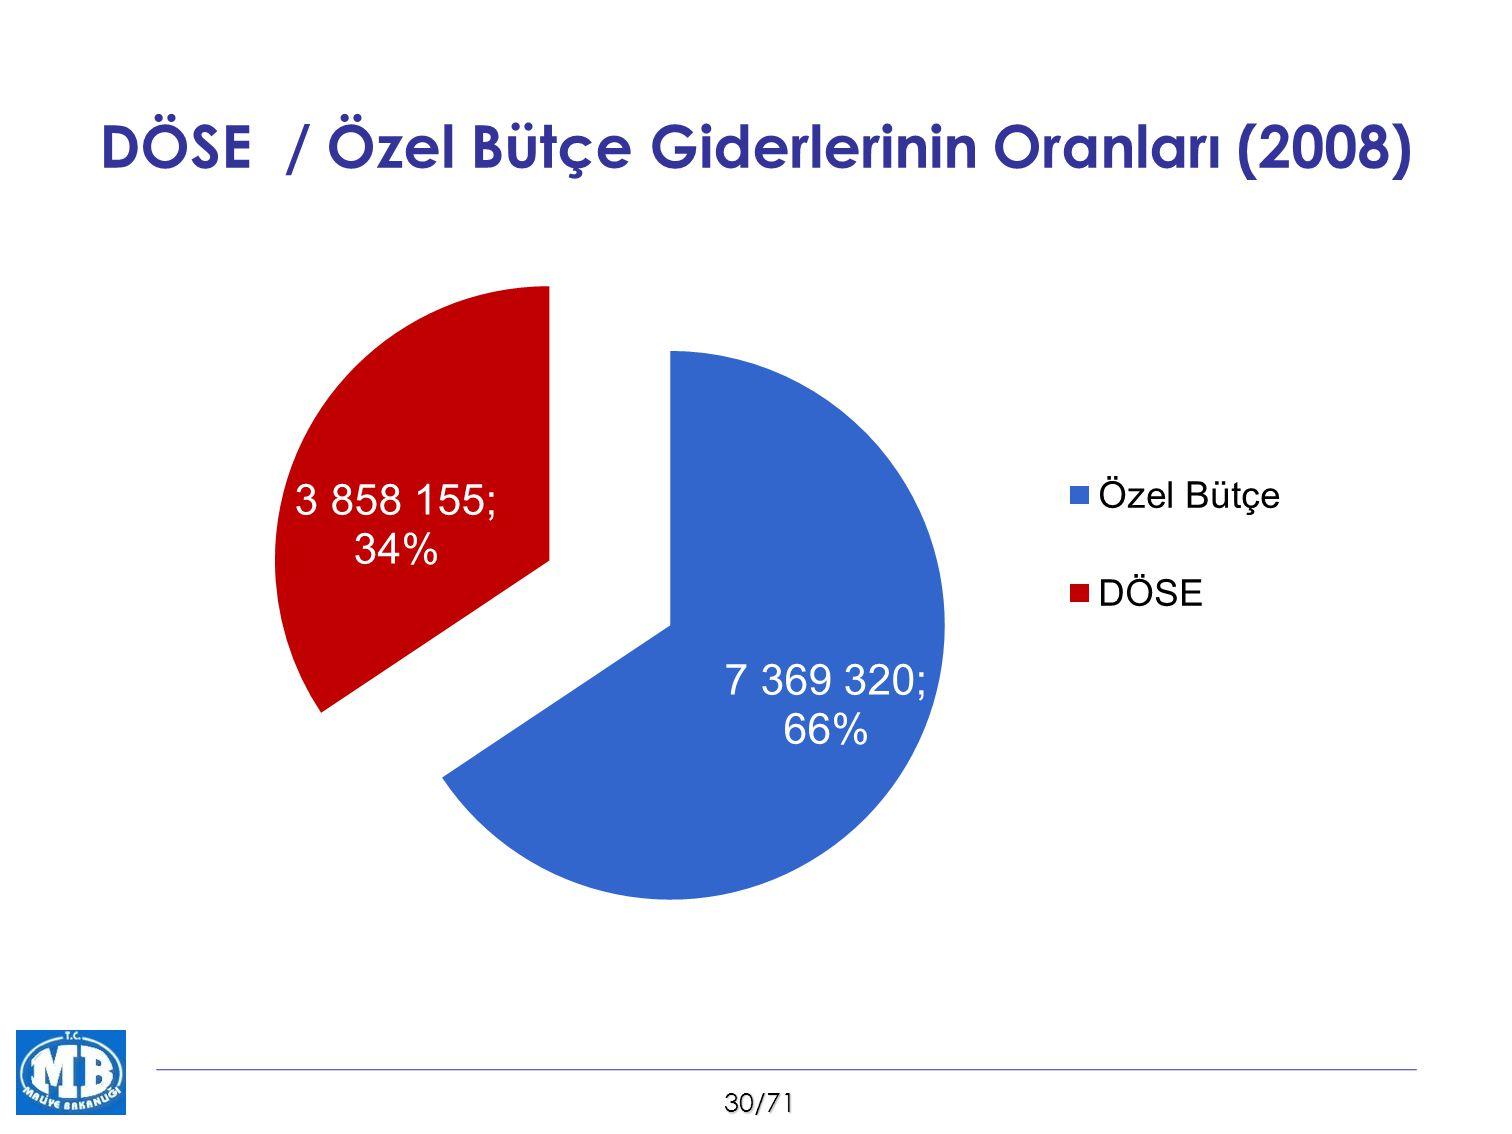 30/71 DÖSE / Özel Bütçe Giderlerinin Oranları (2008)